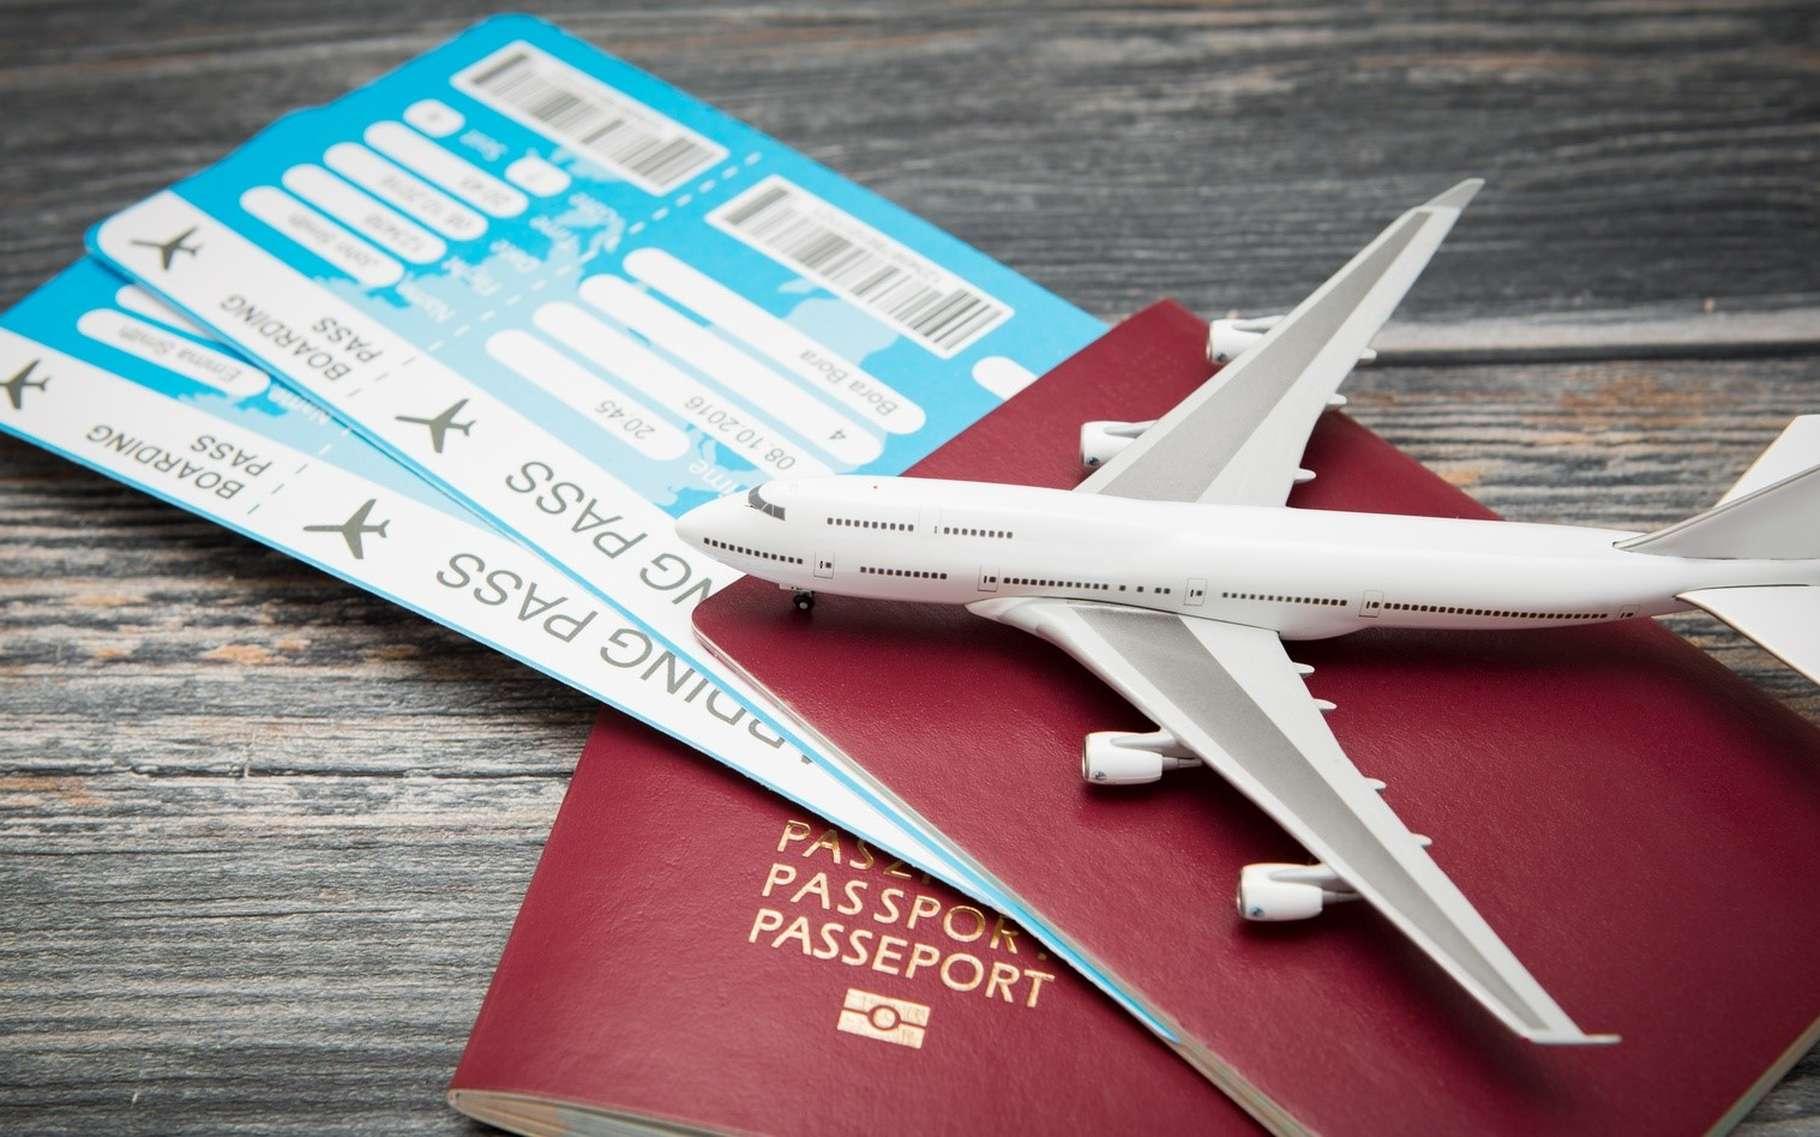 Toutes les informations associées à la réservation d'un billet d'avion sont centralisées dans des bases de données auxquelles ont accès différents acteurs : agences de voyages, compagnies aériennes, hôtels, loueurs de voitures. Problème, leur consultation n'est pas suffisamment sécurisée. © Artur Marciniec, Fotolia